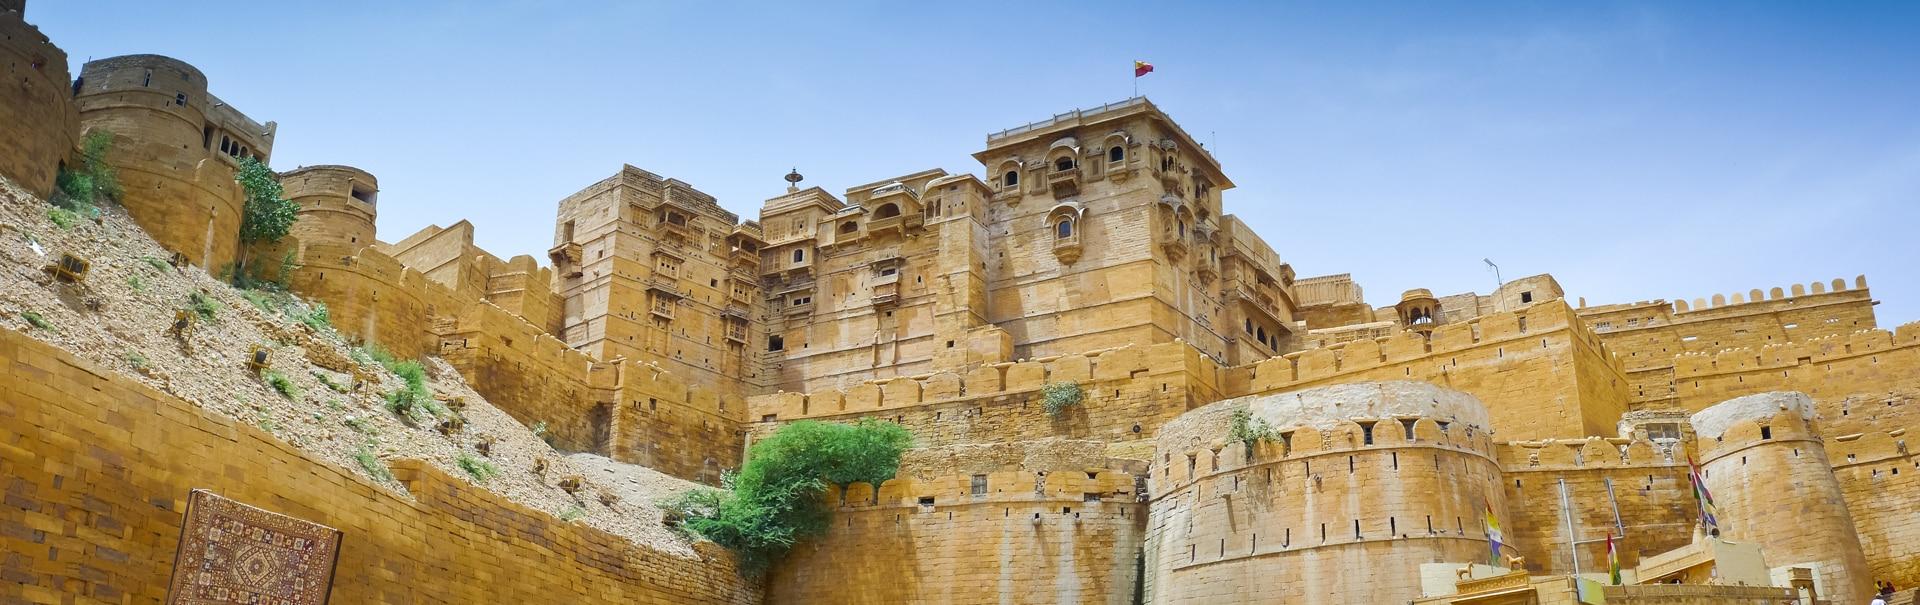 Jodhpur Jaisalmer Tent Stay @ 19000 (SHRJ22) Banner